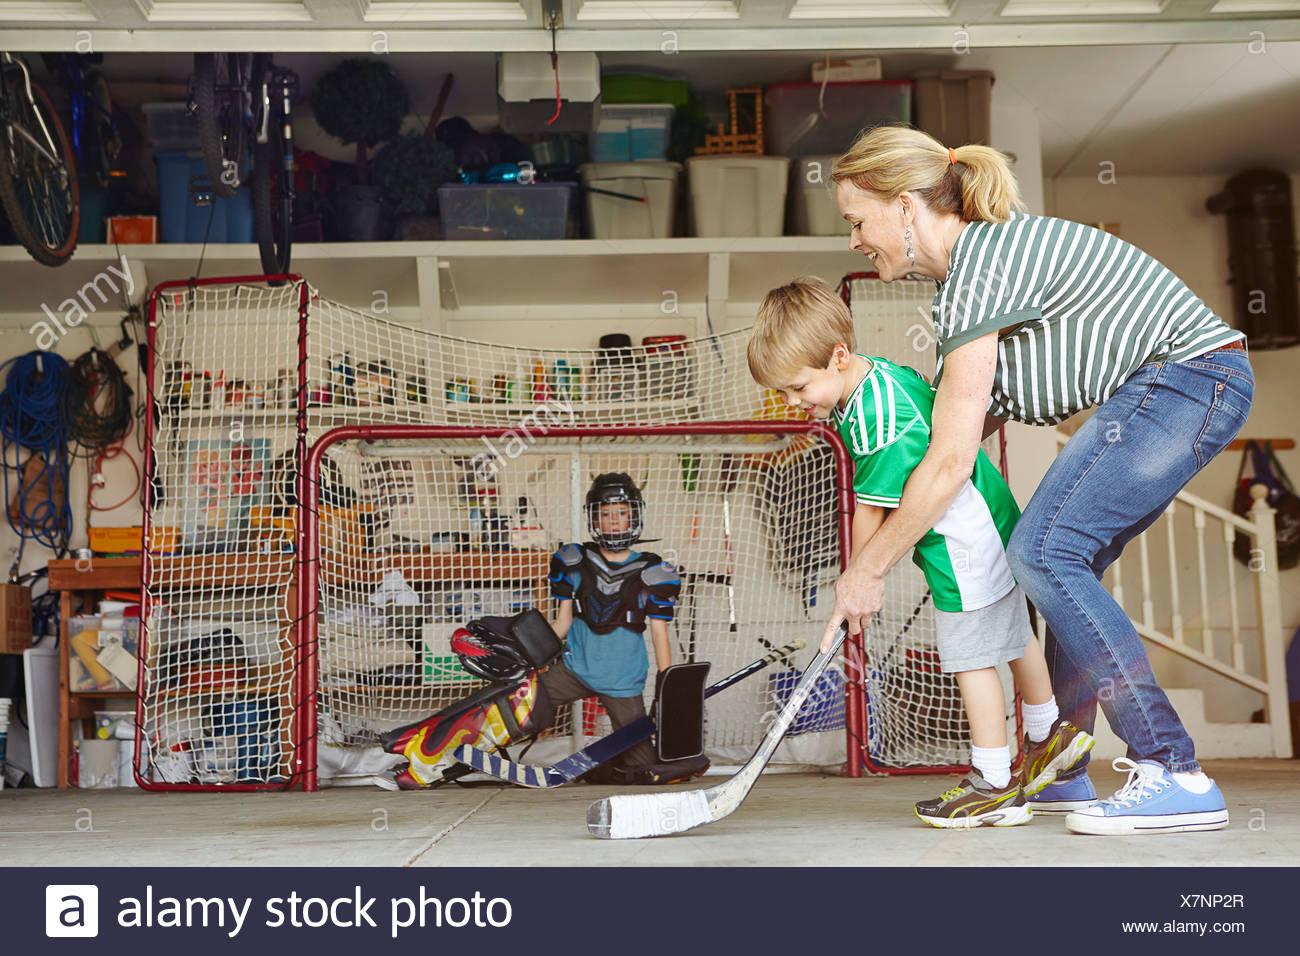 Madre jugando al hockey en garaje con dos hijos Imagen De Stock